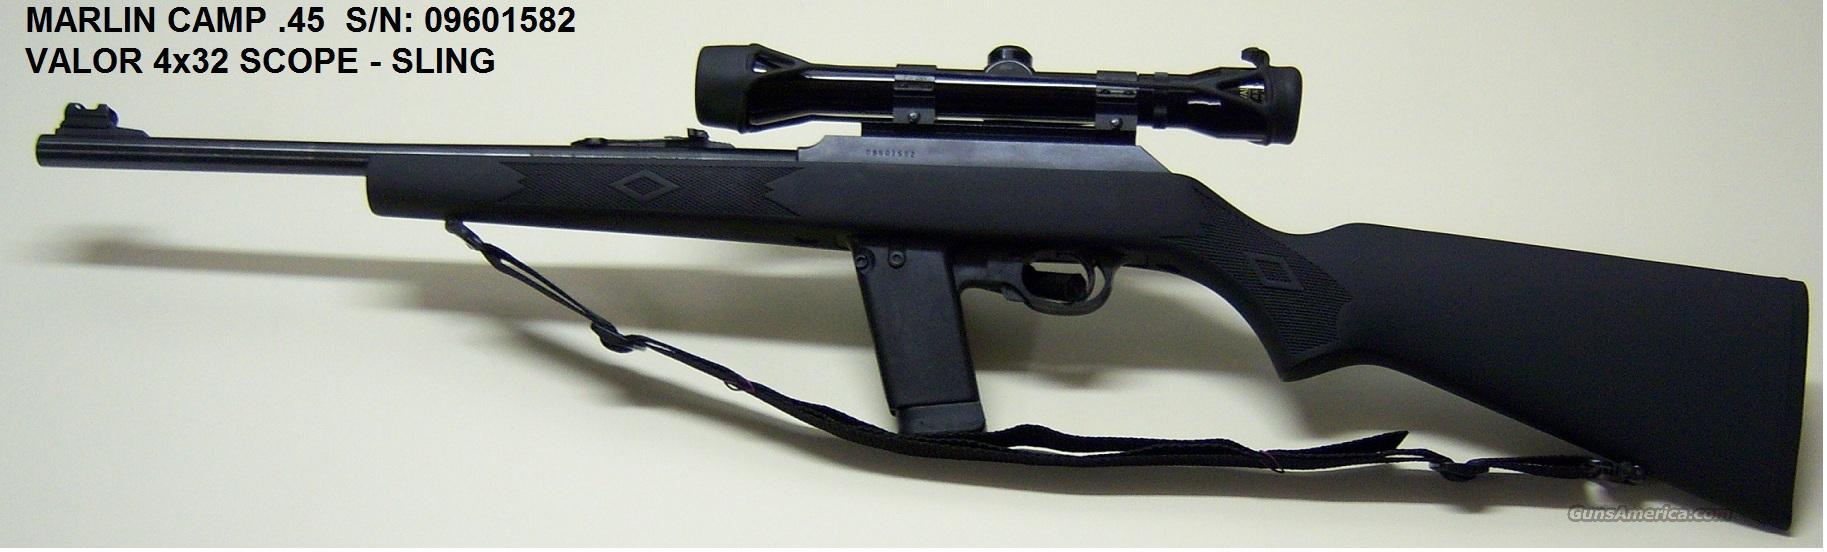 marlin model 45 camp carbine ruger 44 magnum for sale. Black Bedroom Furniture Sets. Home Design Ideas